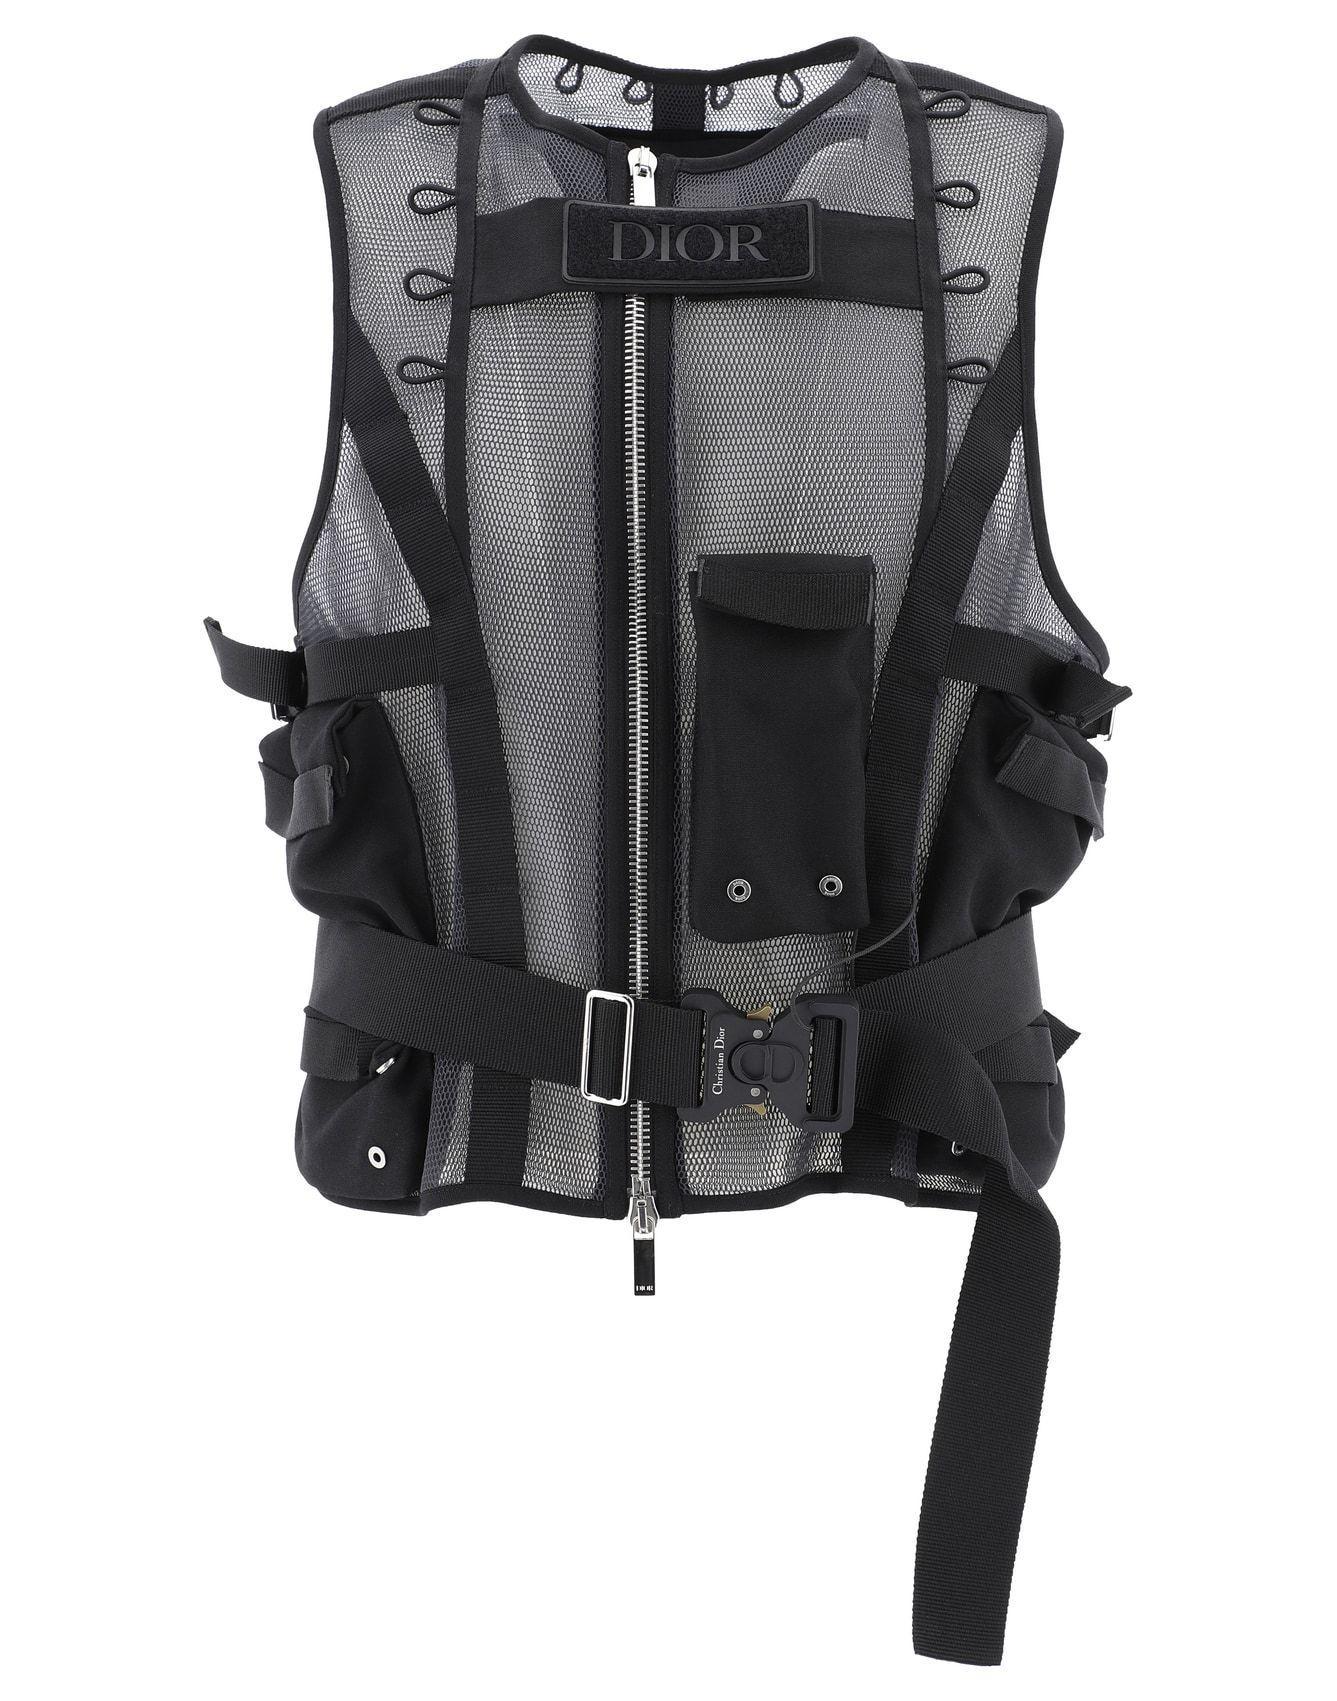 Dior Homme Technical Mesh Buckled Vest -Black